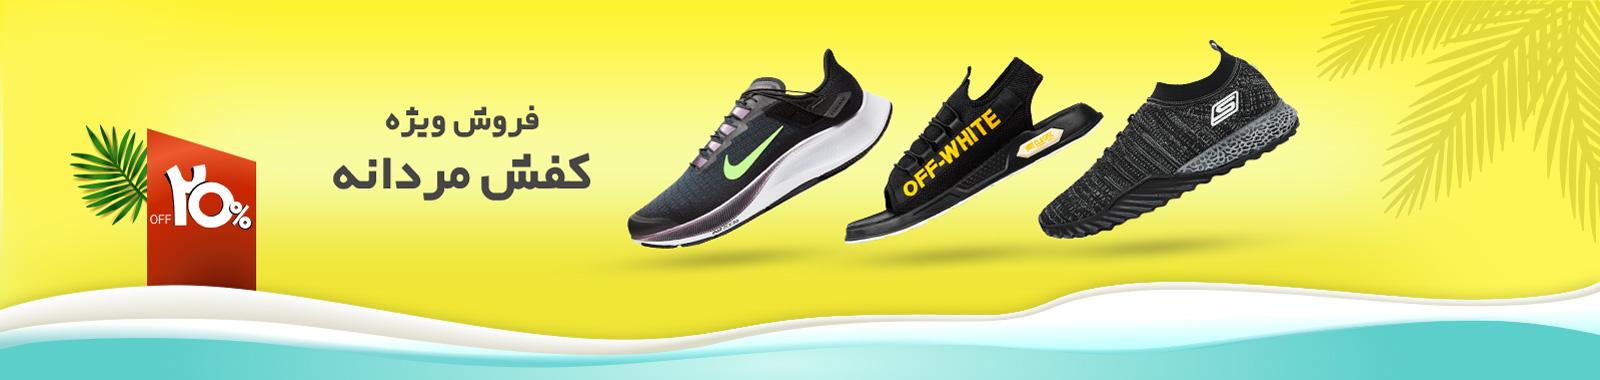 فروش ویژه کفش